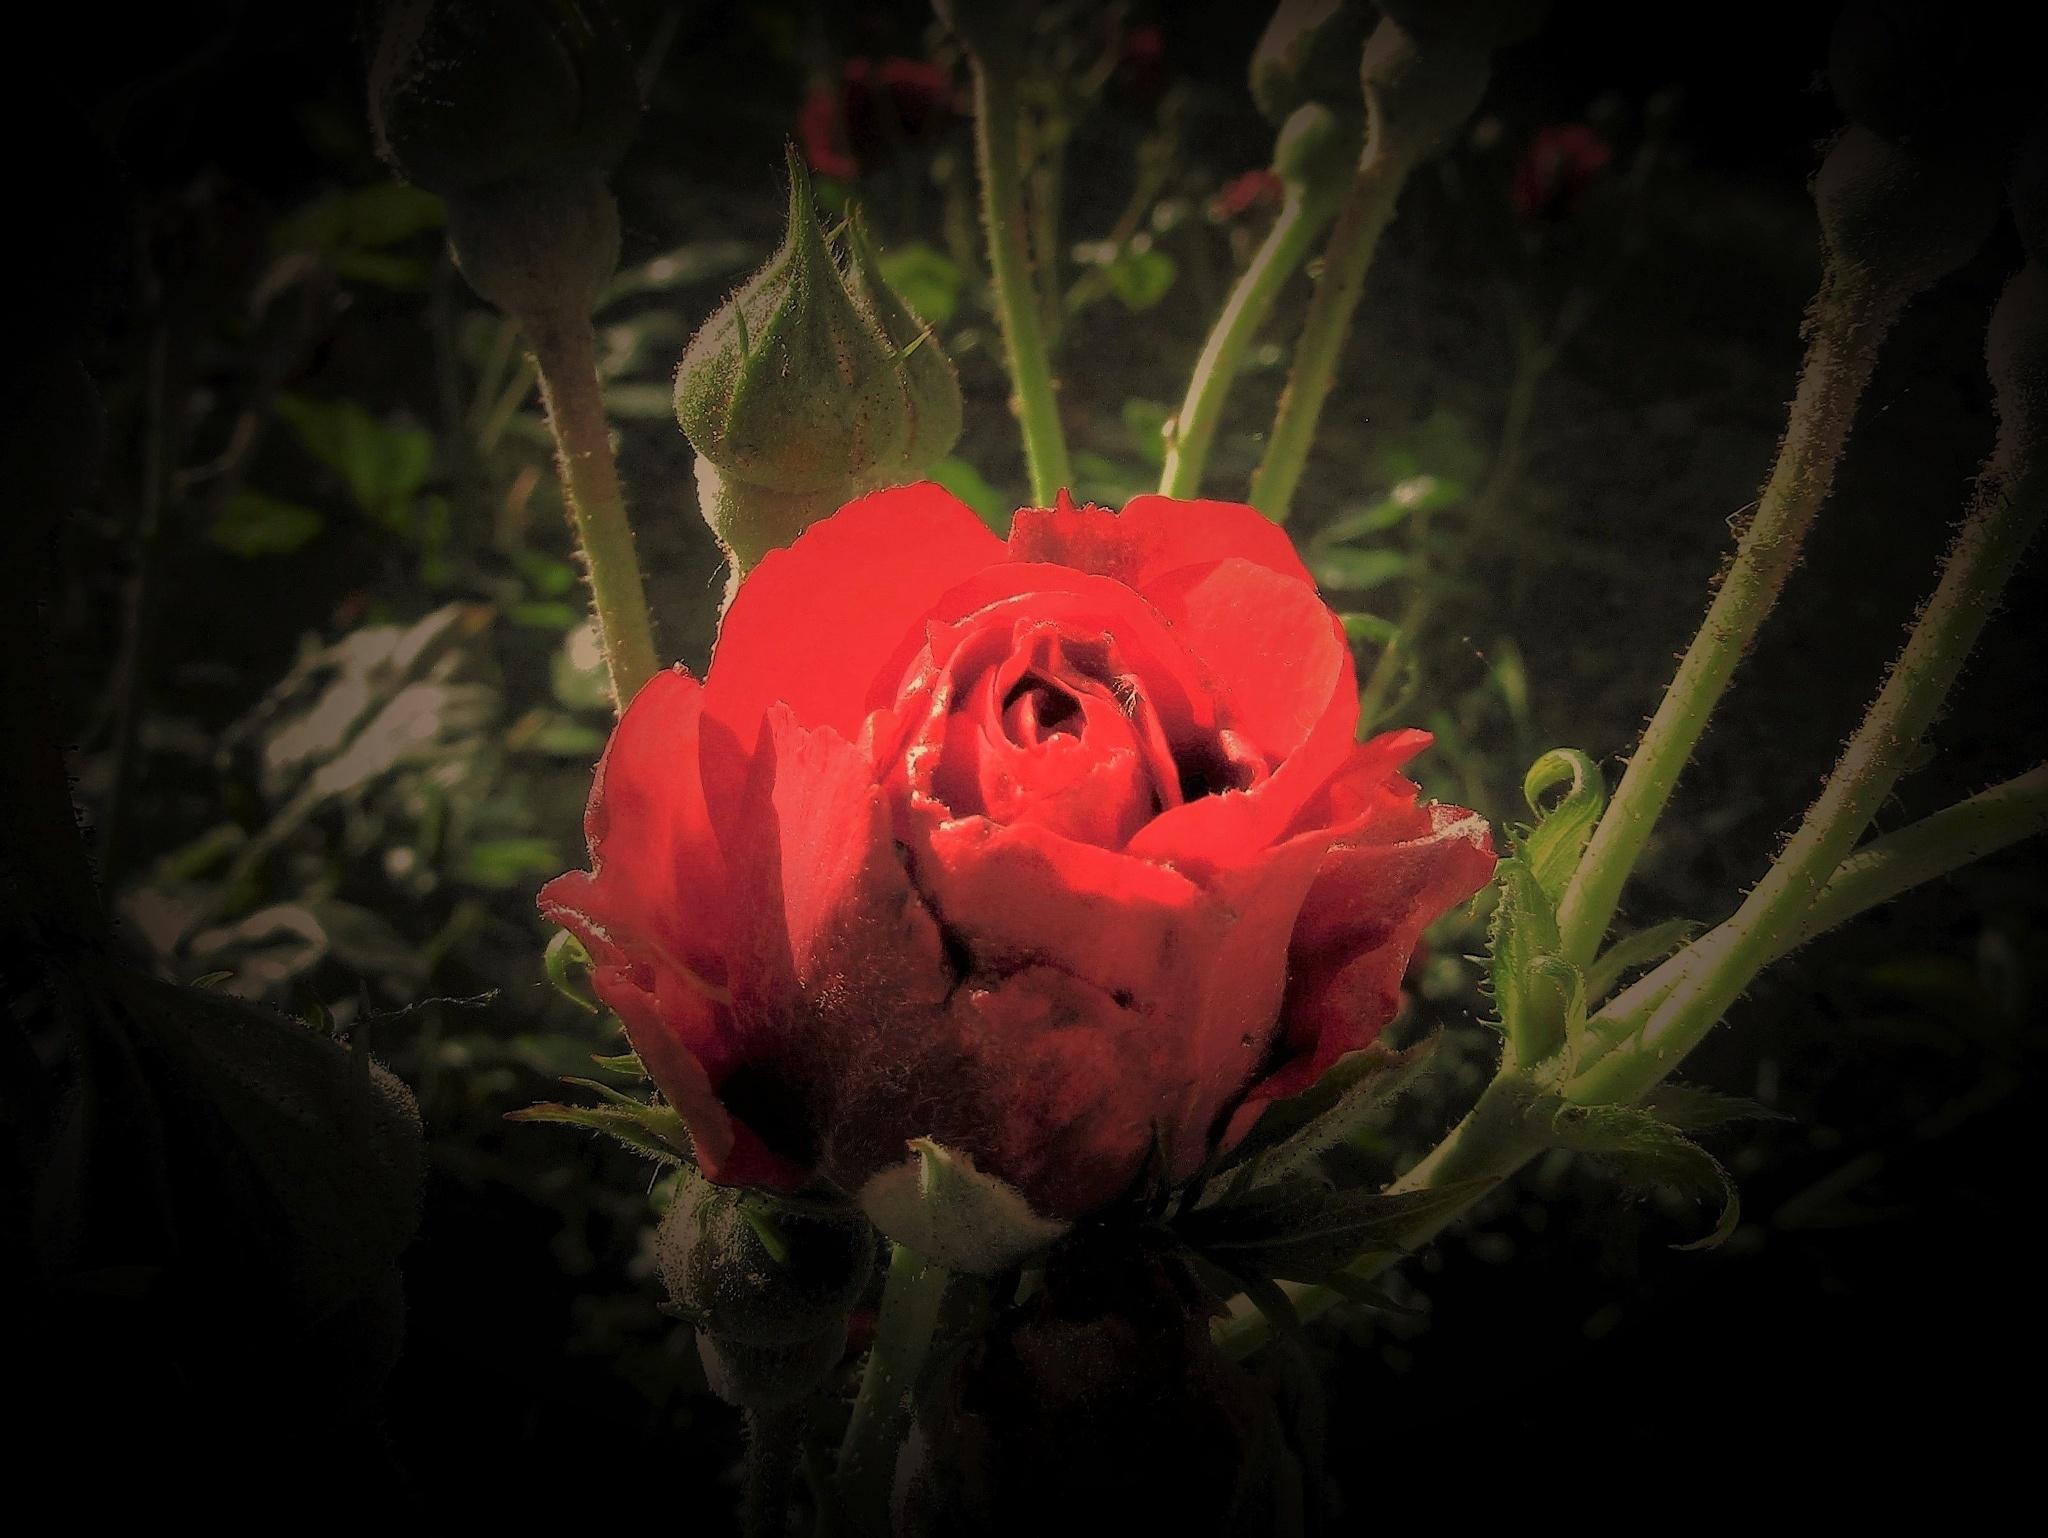 C'est le temps que tu as perdu pour ta rose............ by vigilicatherine